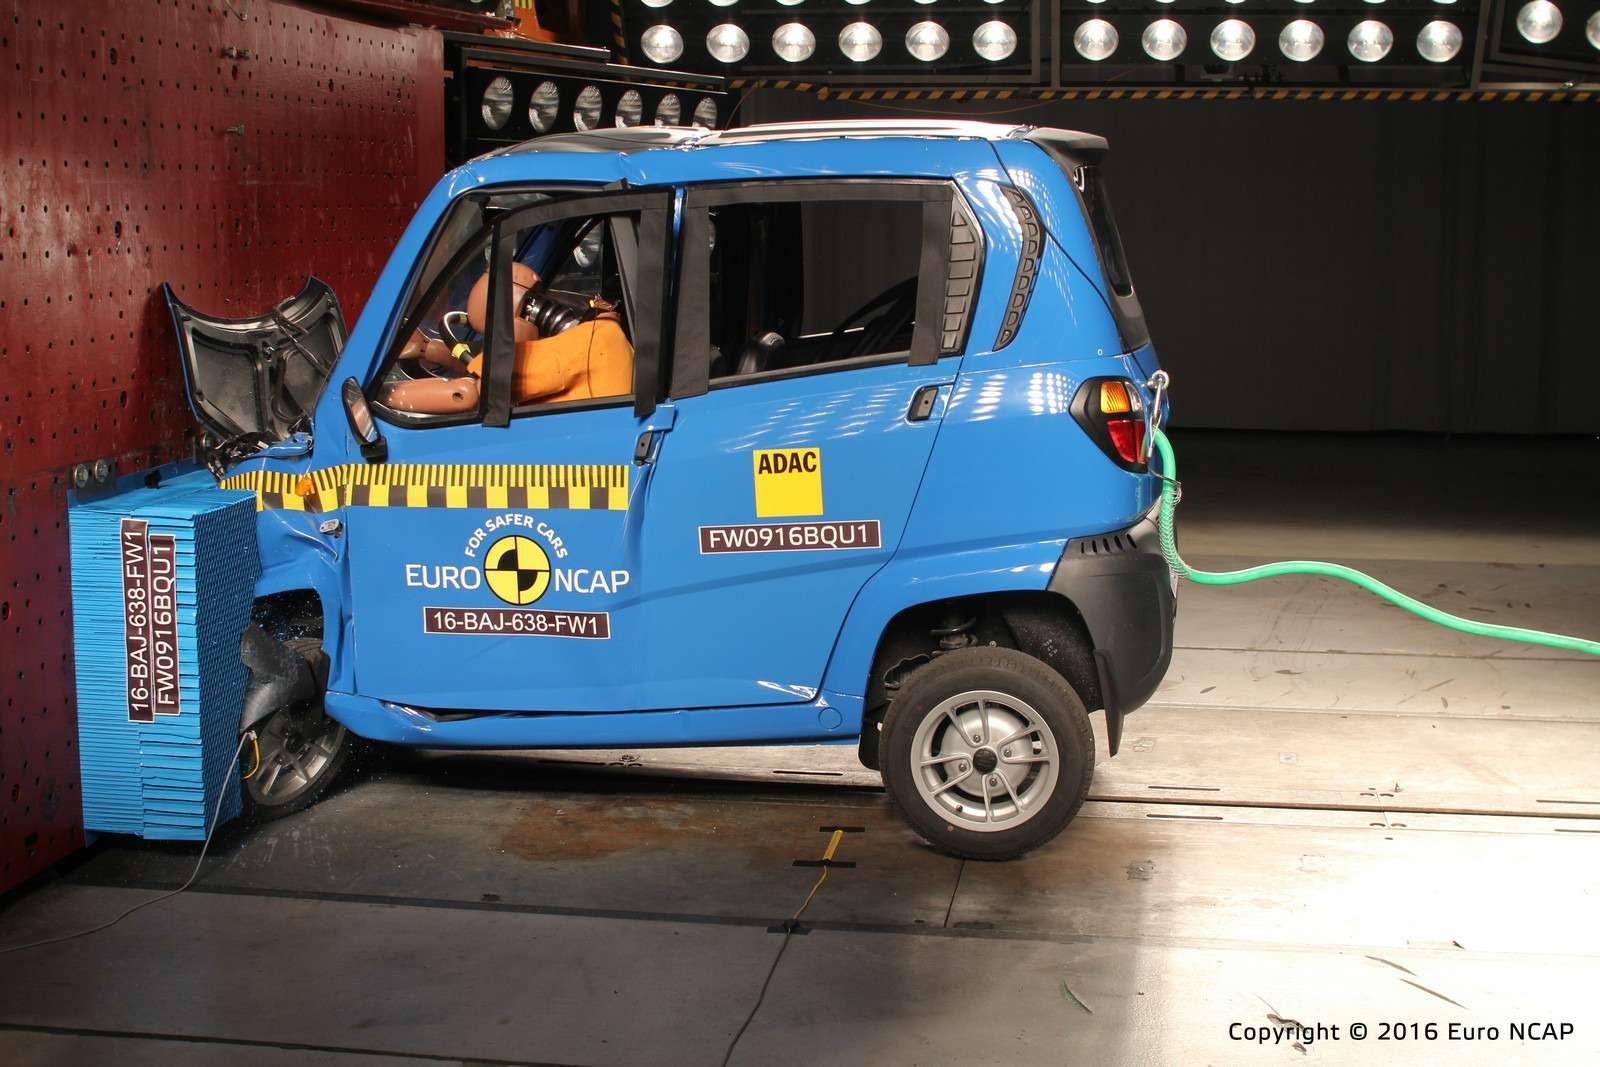 Euro NCAP огласил ужасающие результаты краш-тестов тяжелых квадроциклов— фото 573078